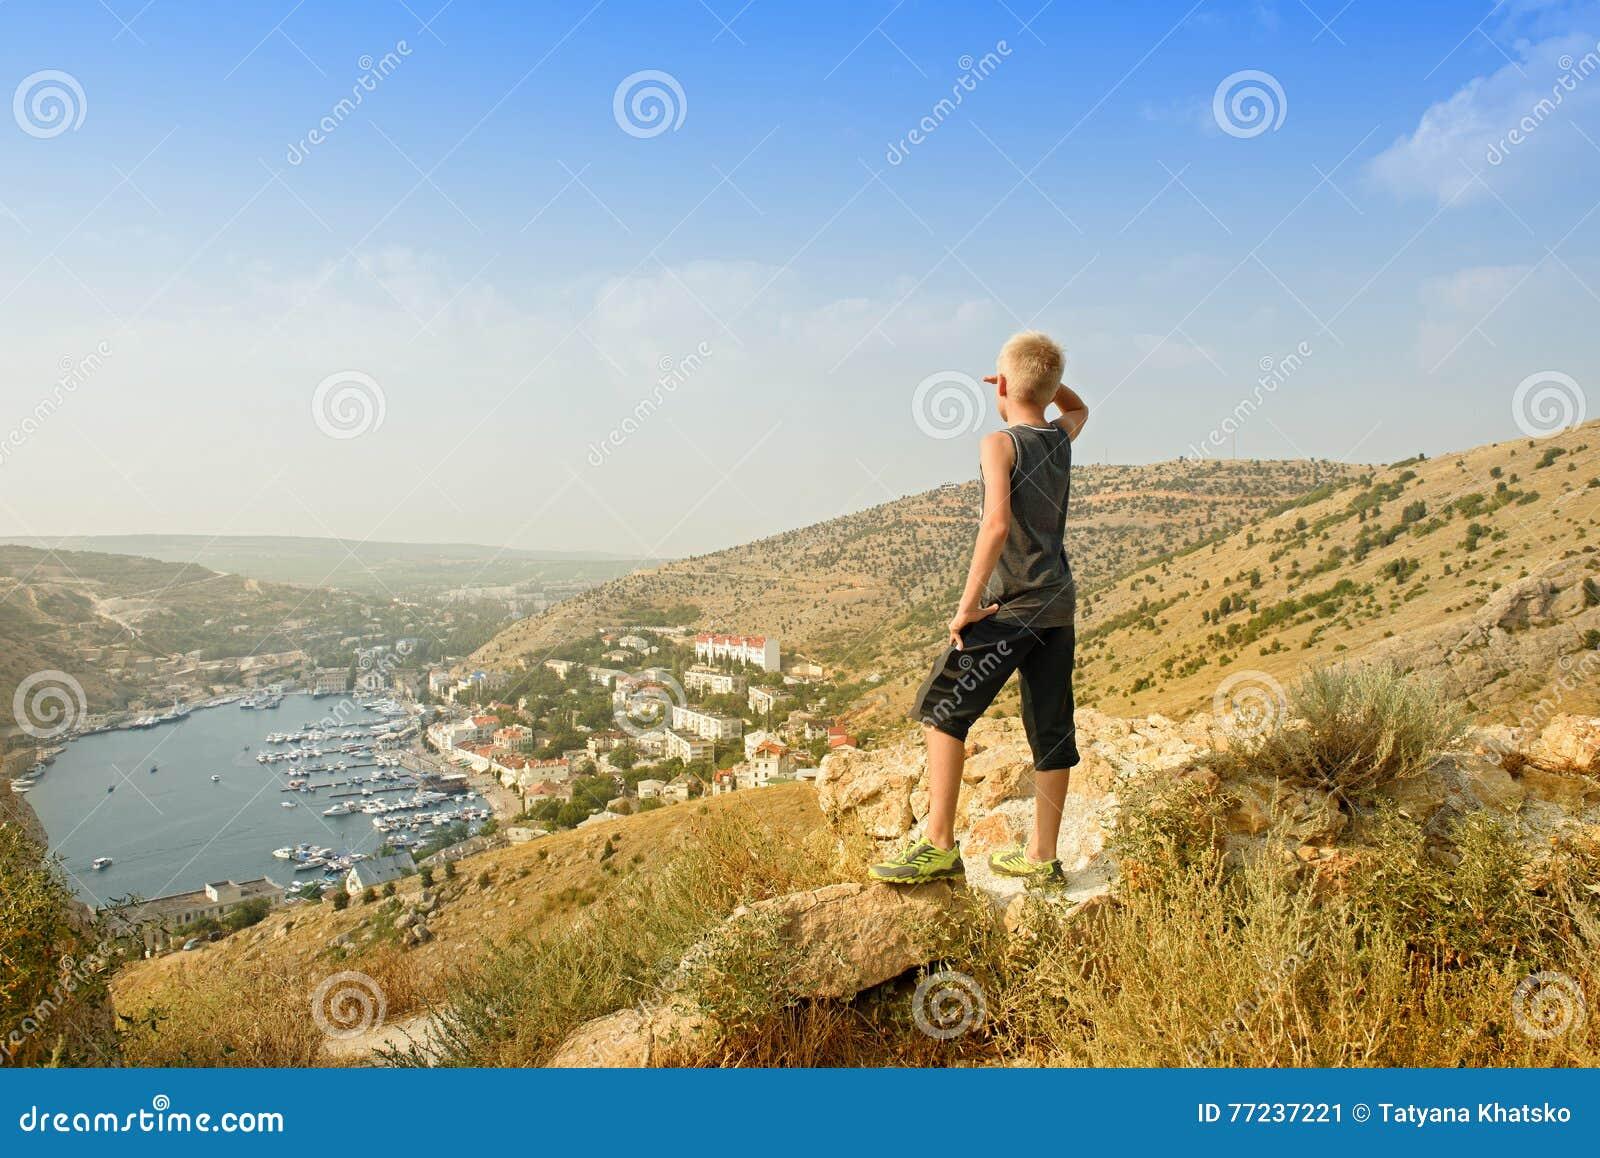 山上面的少年 与游艇和小船的海湾 旅行